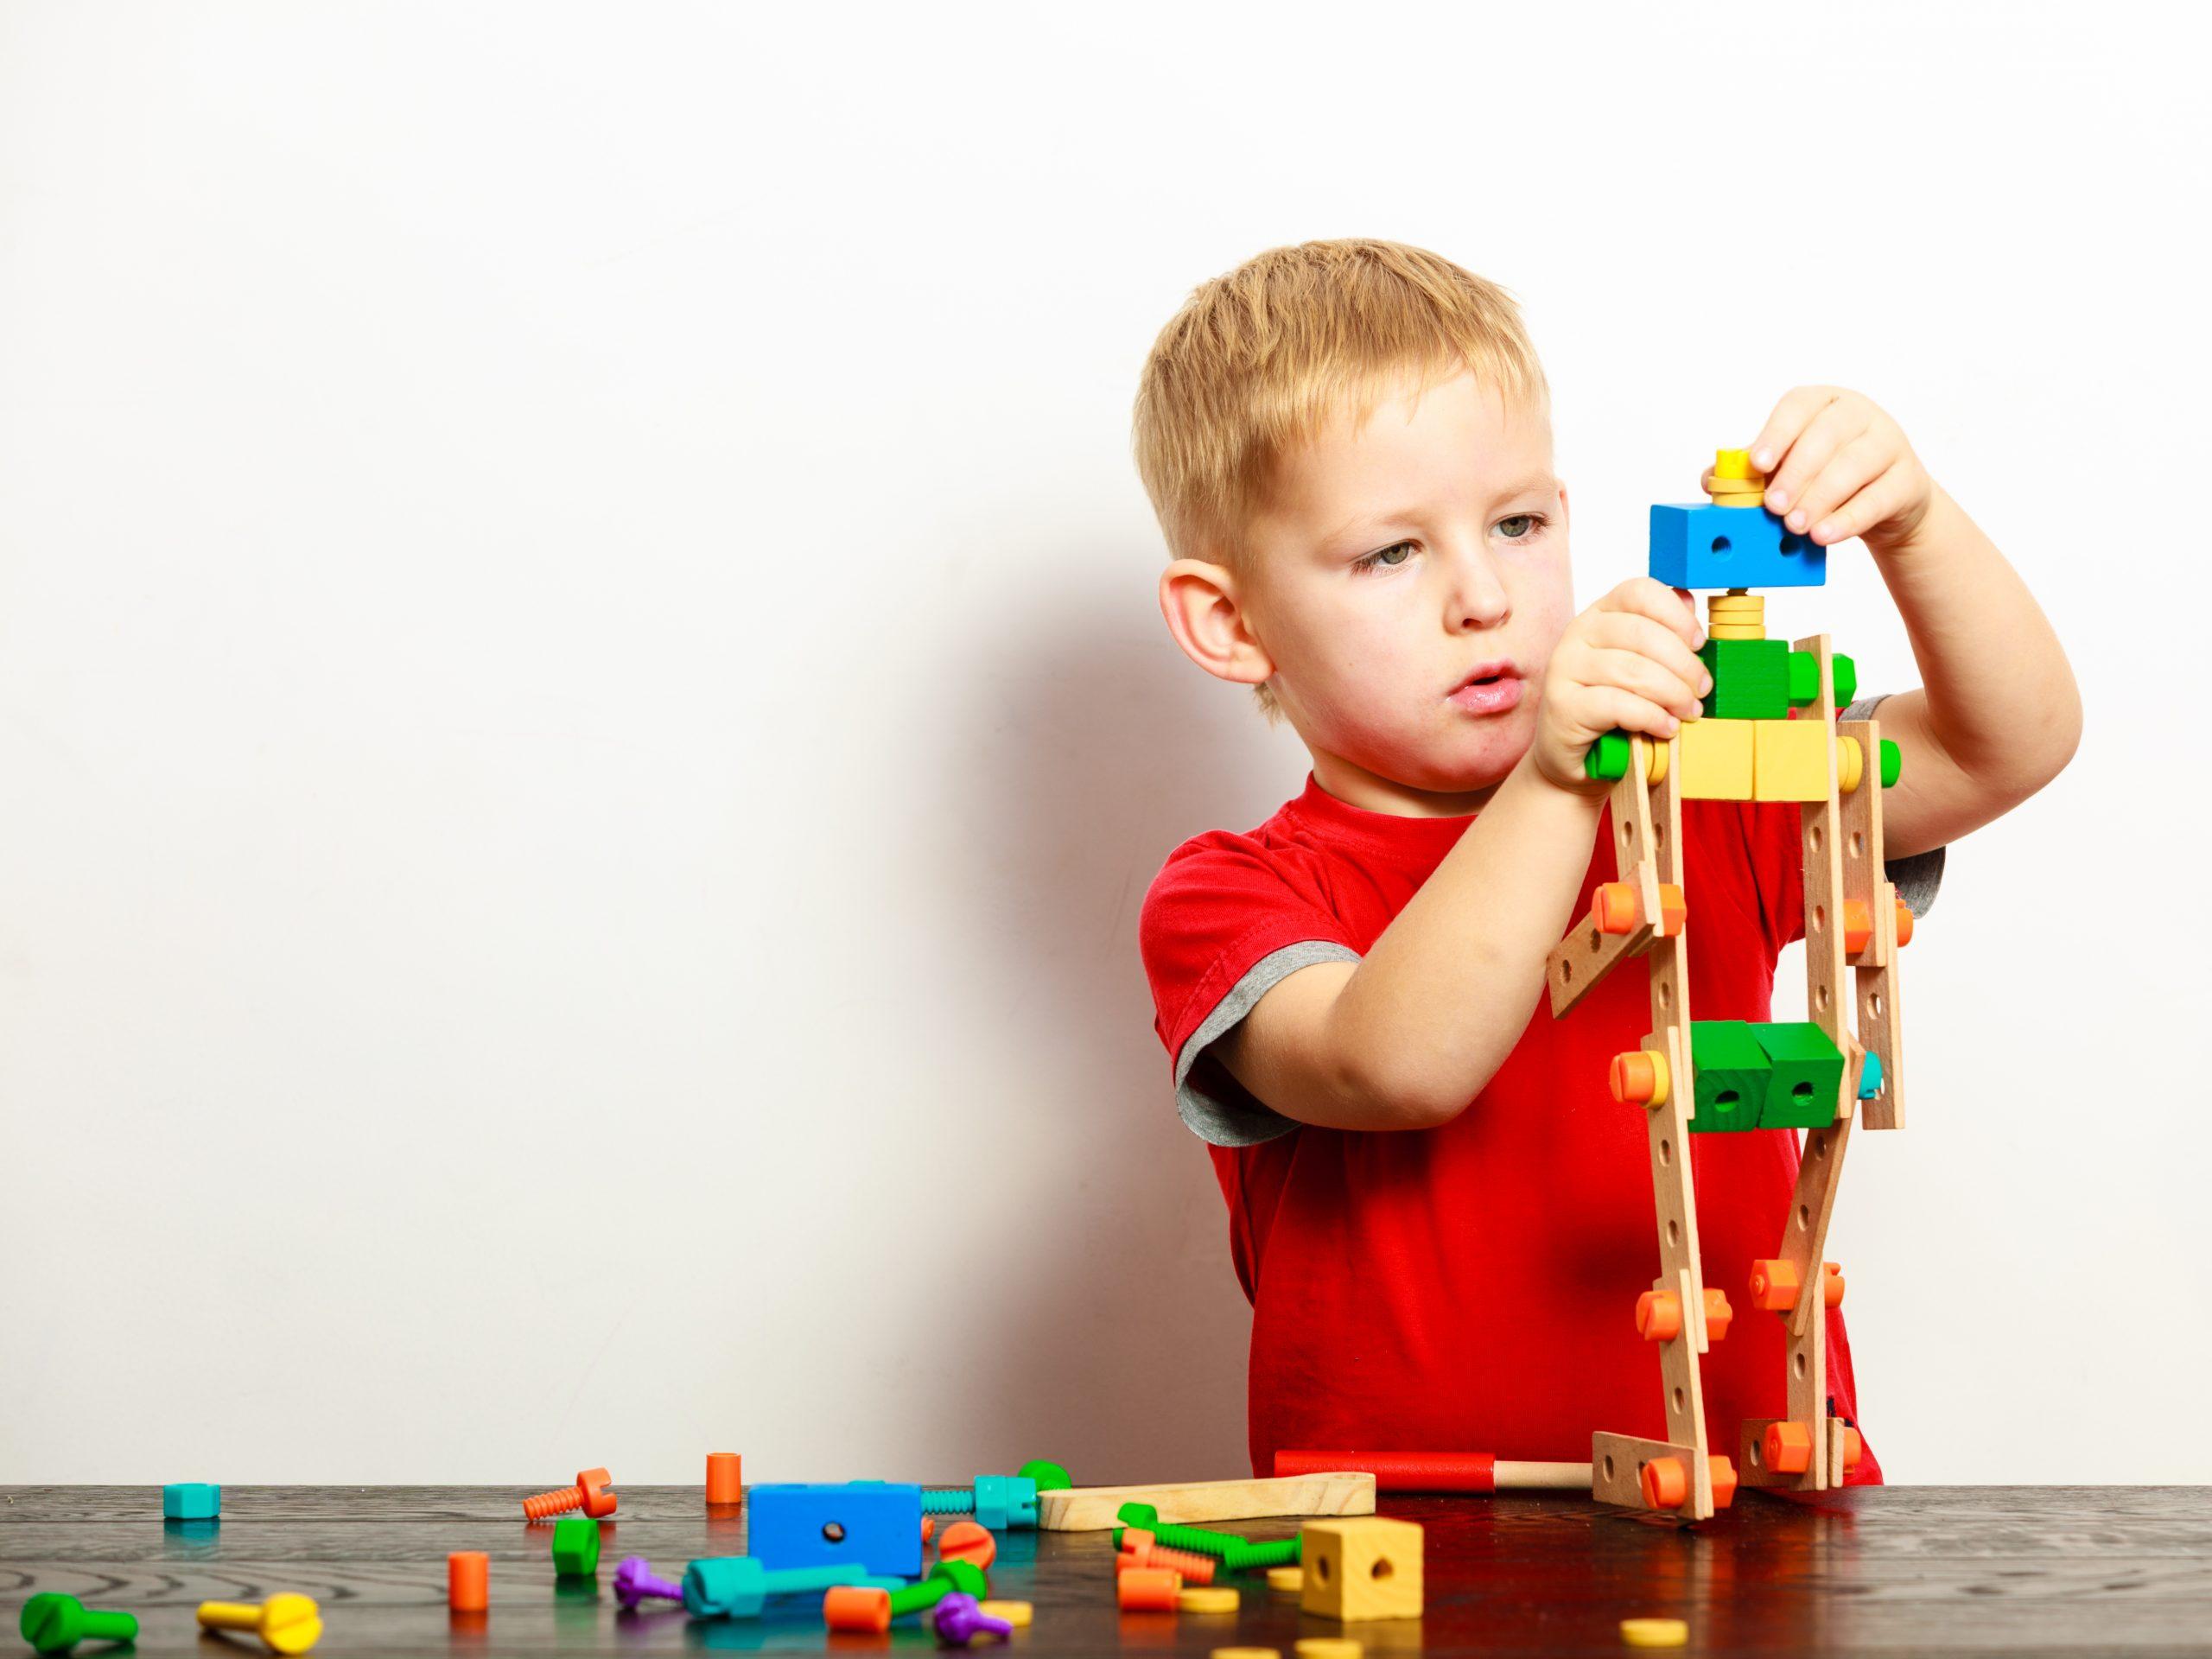 14 лучших конструкторов для детей в 2021 году